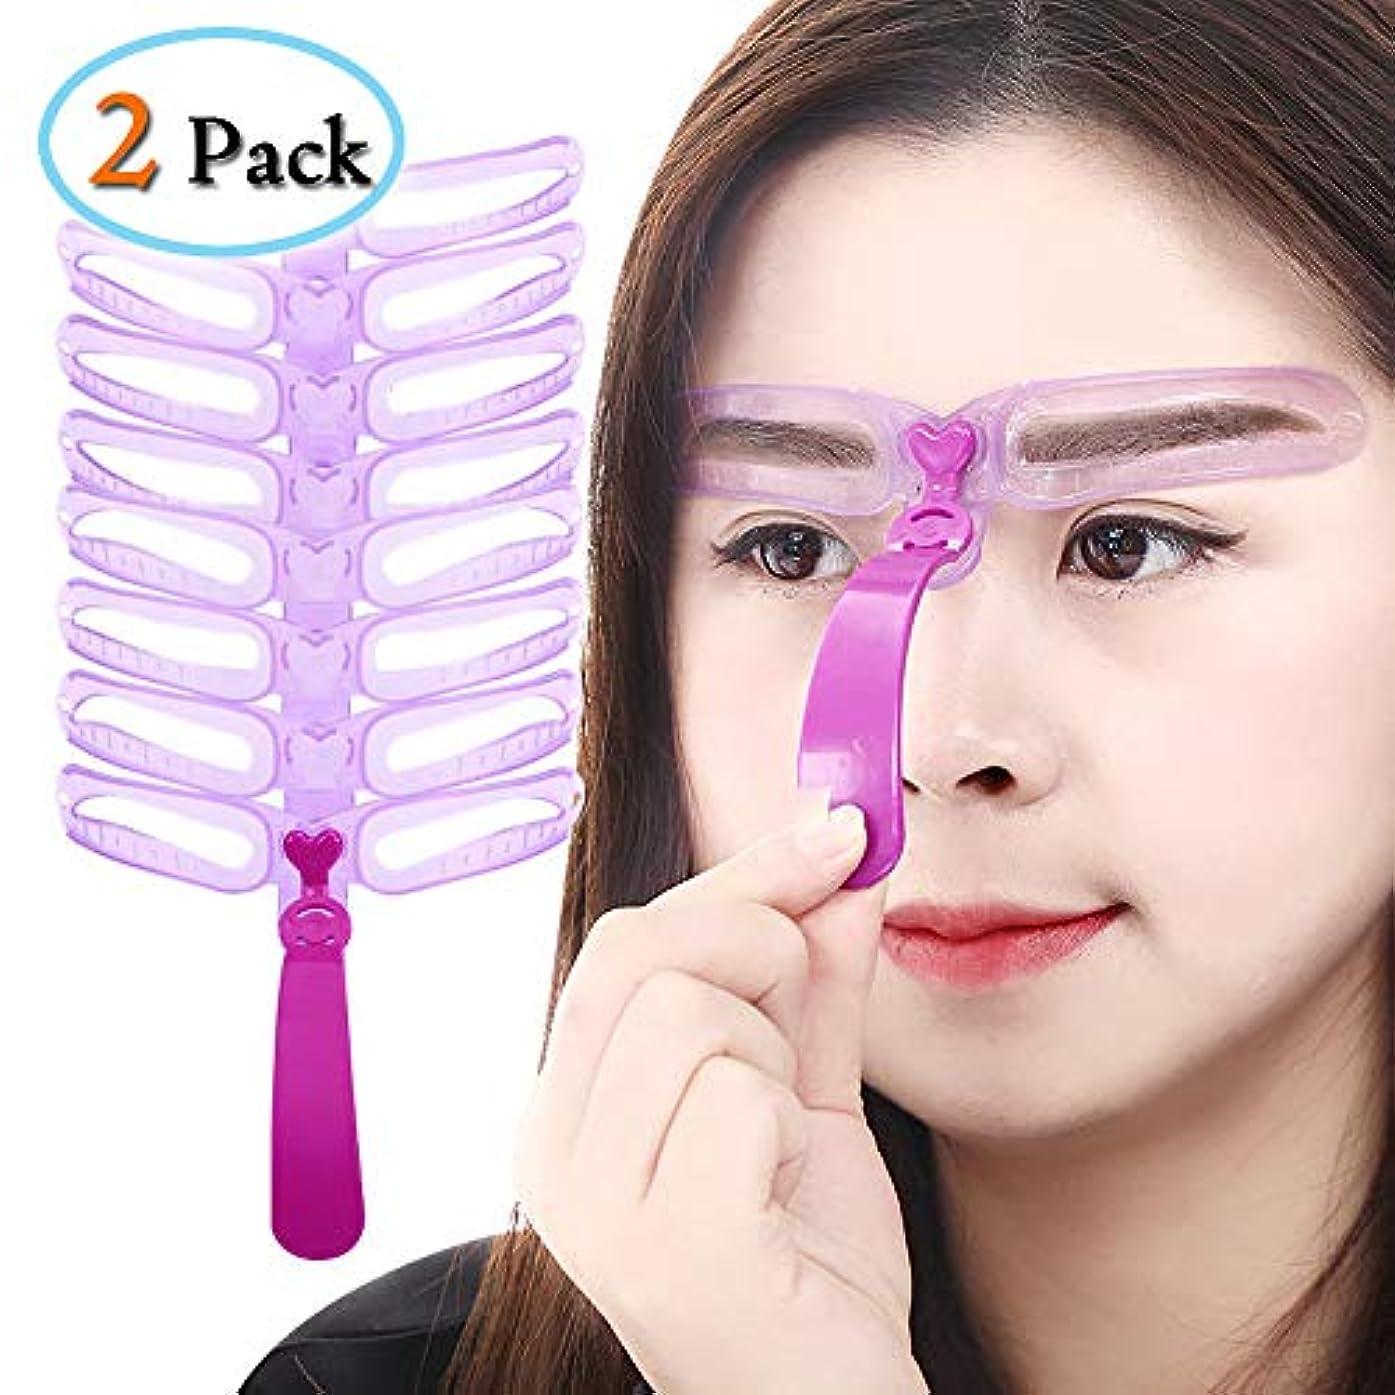 微視的カヌープラスチックYuJiny 8種類 眉毛テンプレート 8パターン 眉毛を気分で使い分け 眉用ステンシル 美容ツール 男女兼用 2点セット